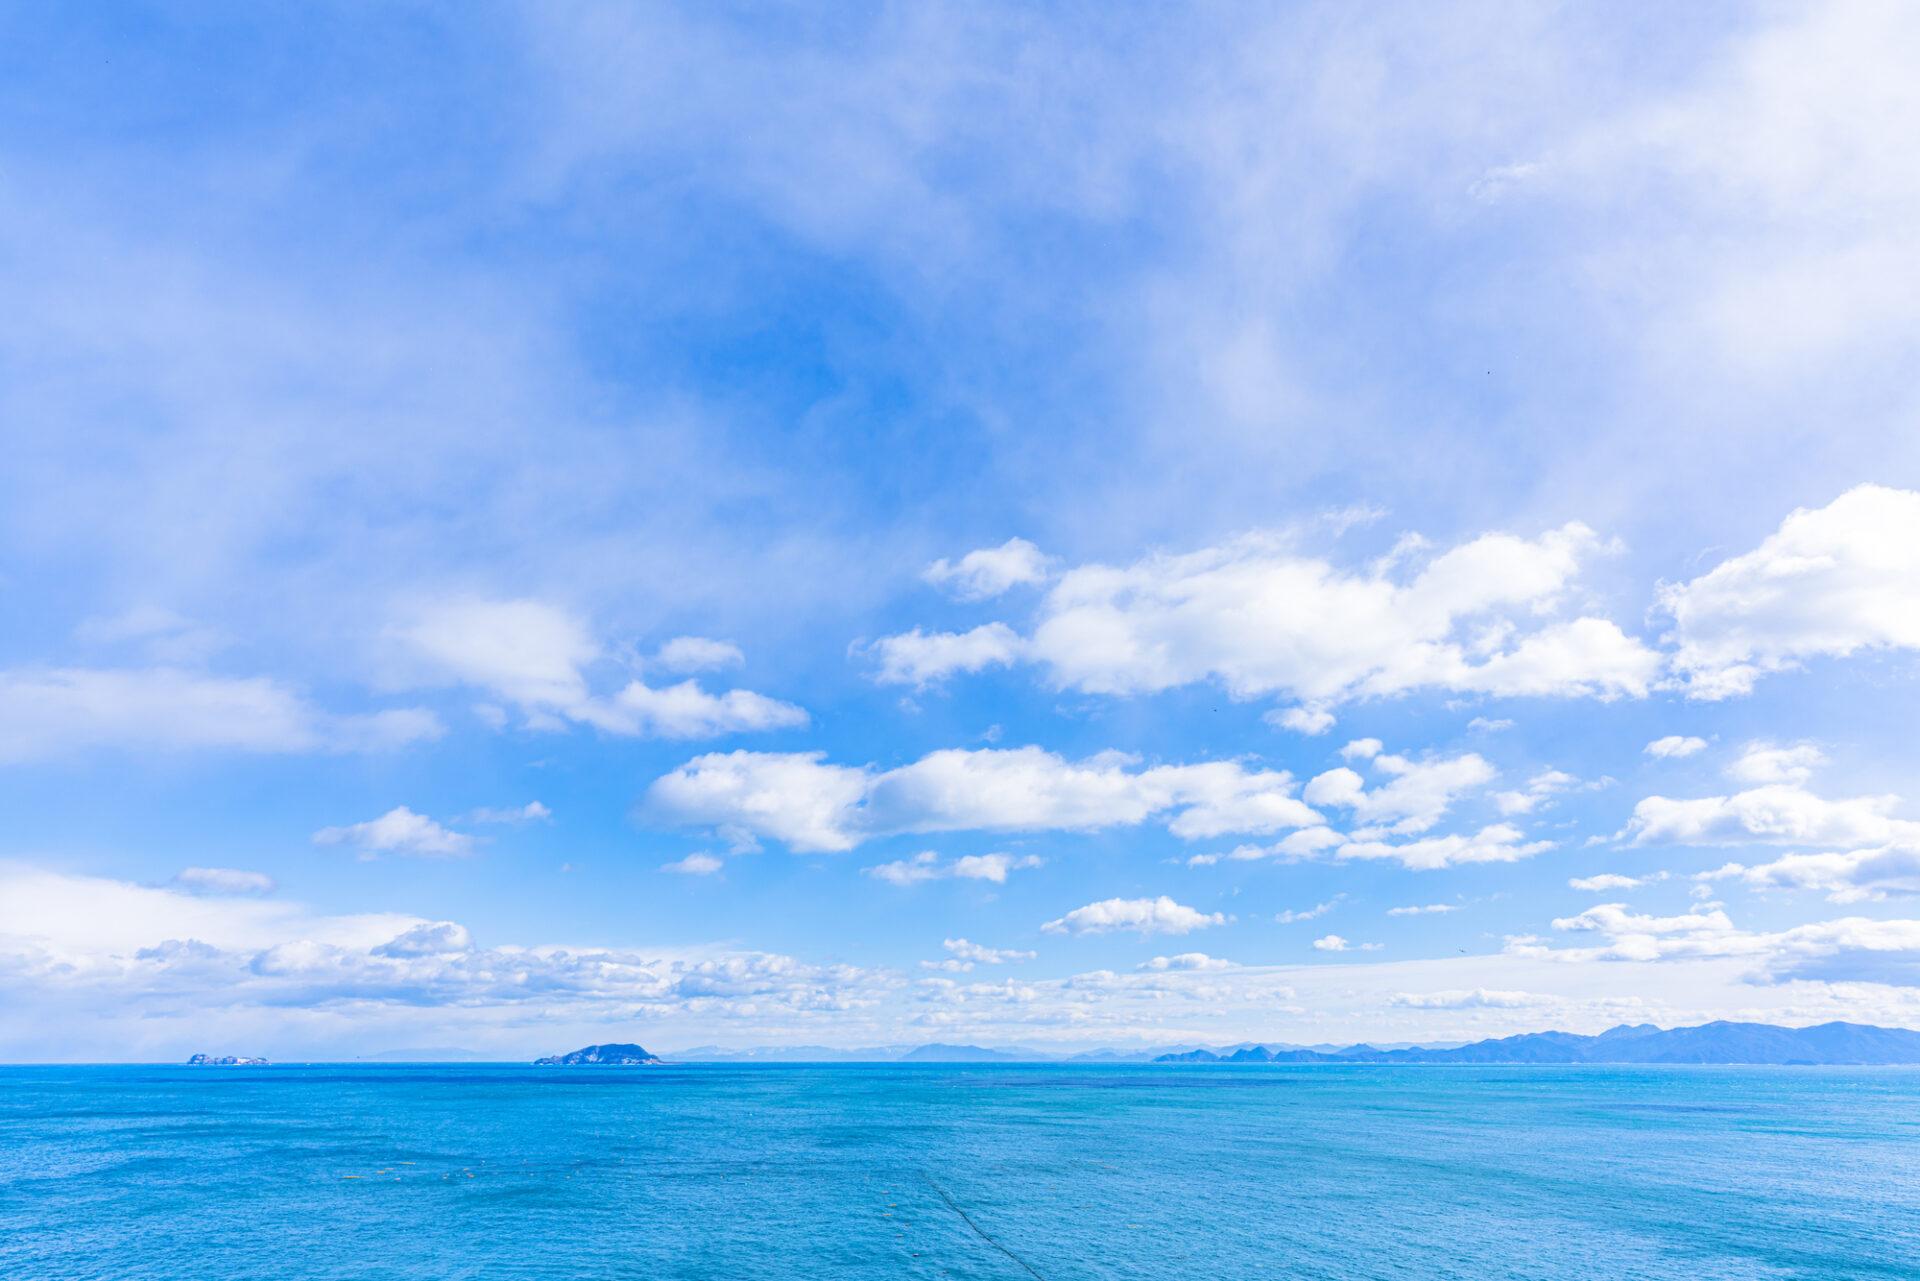 青空と雲と海